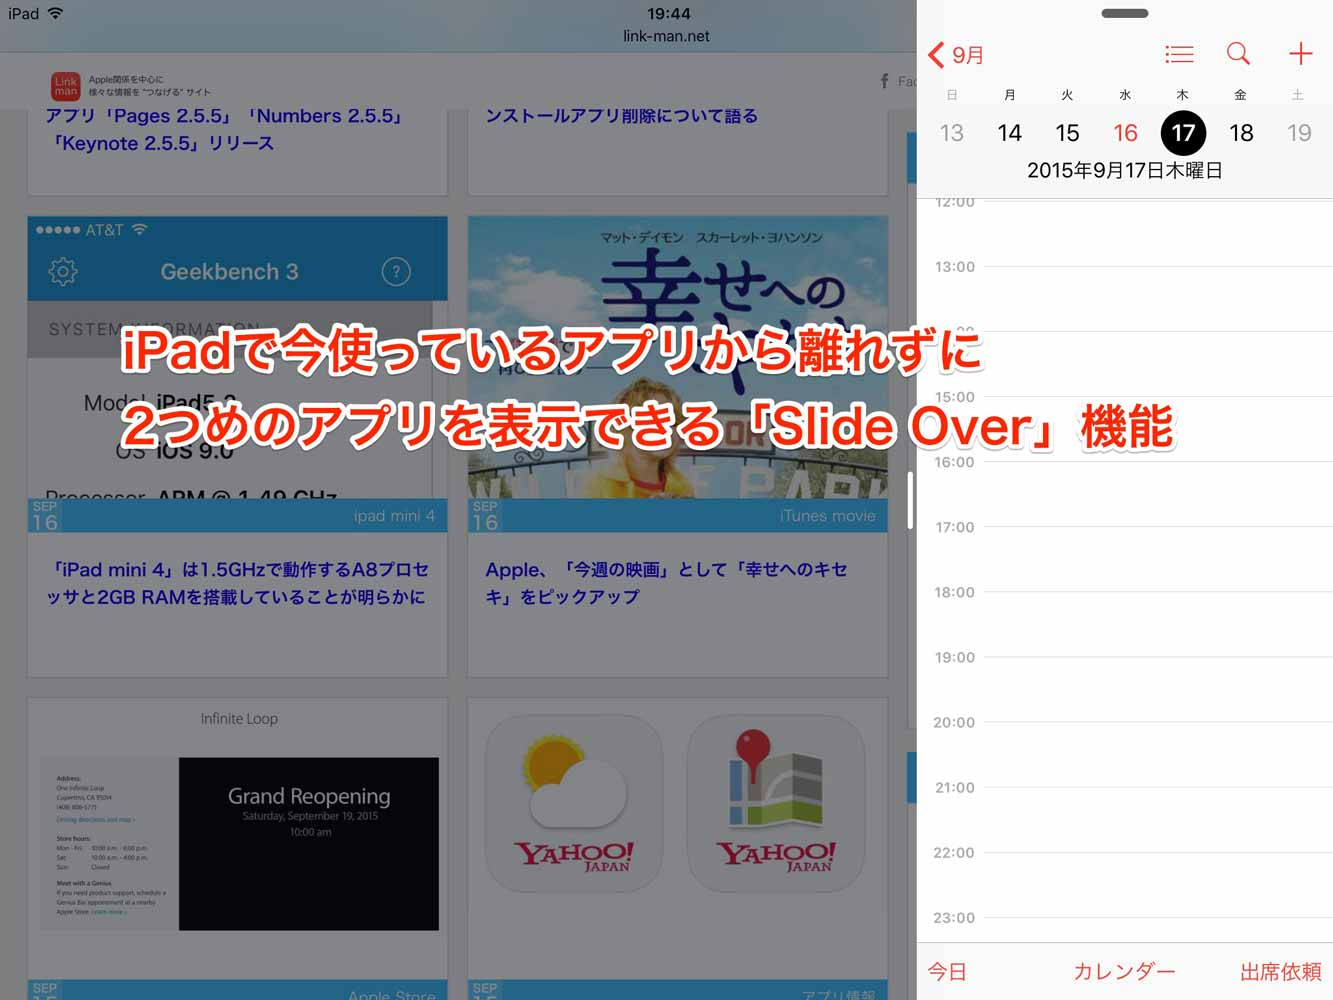 iOS 9の新機能:iPadで今使っているアプリから離れずに2つめのアプリを表示できる「Slide Over」機能